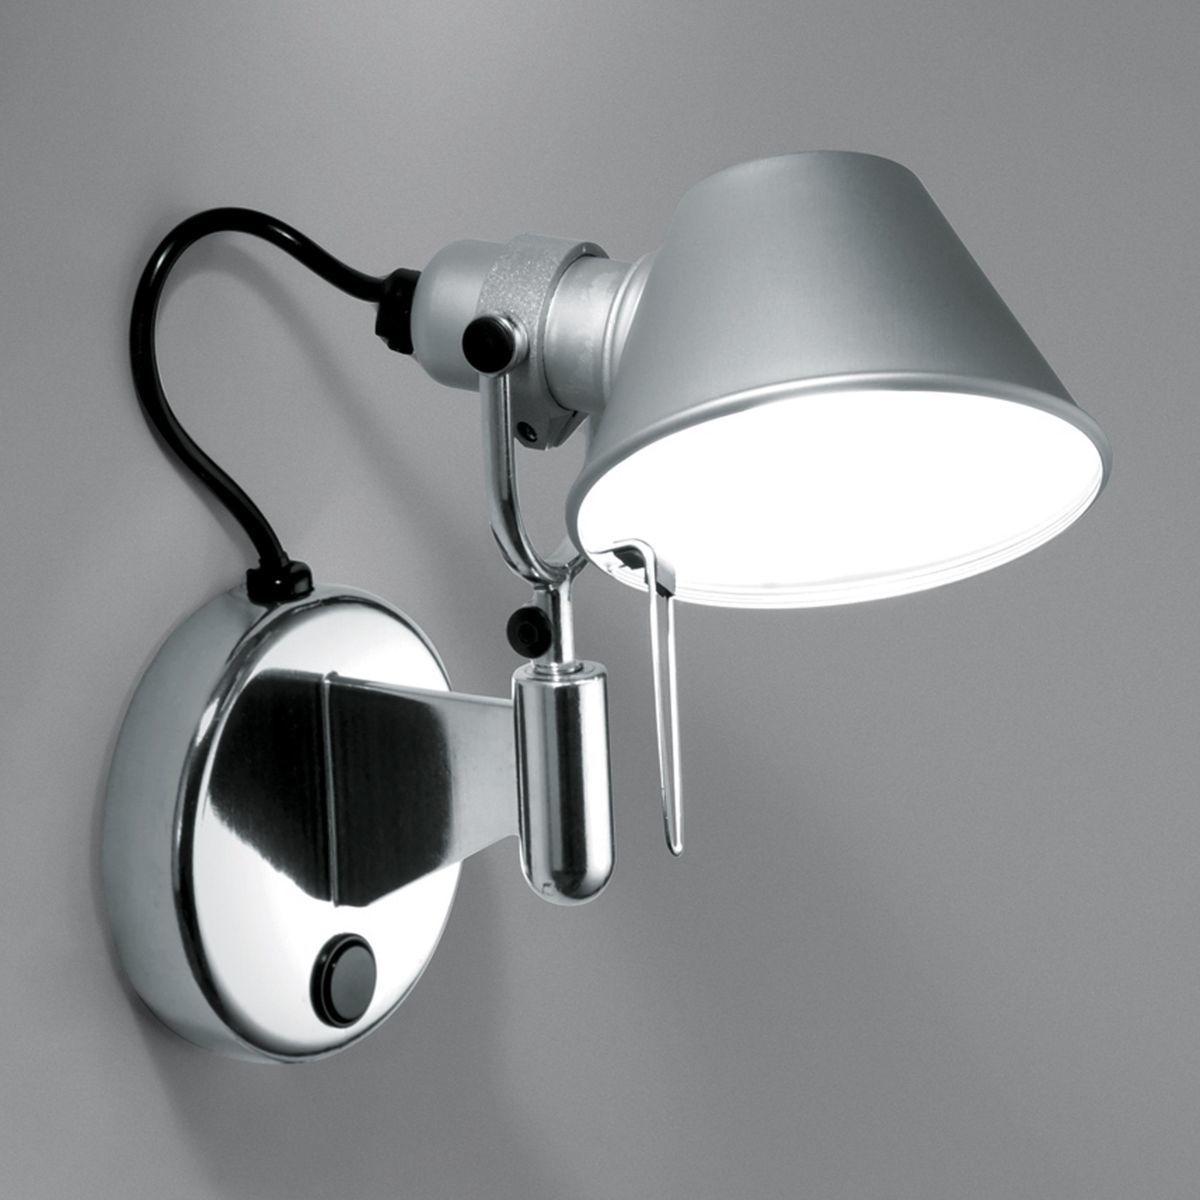 Artemide Tolomeo Micro Faretto Wall Lamp Artemide